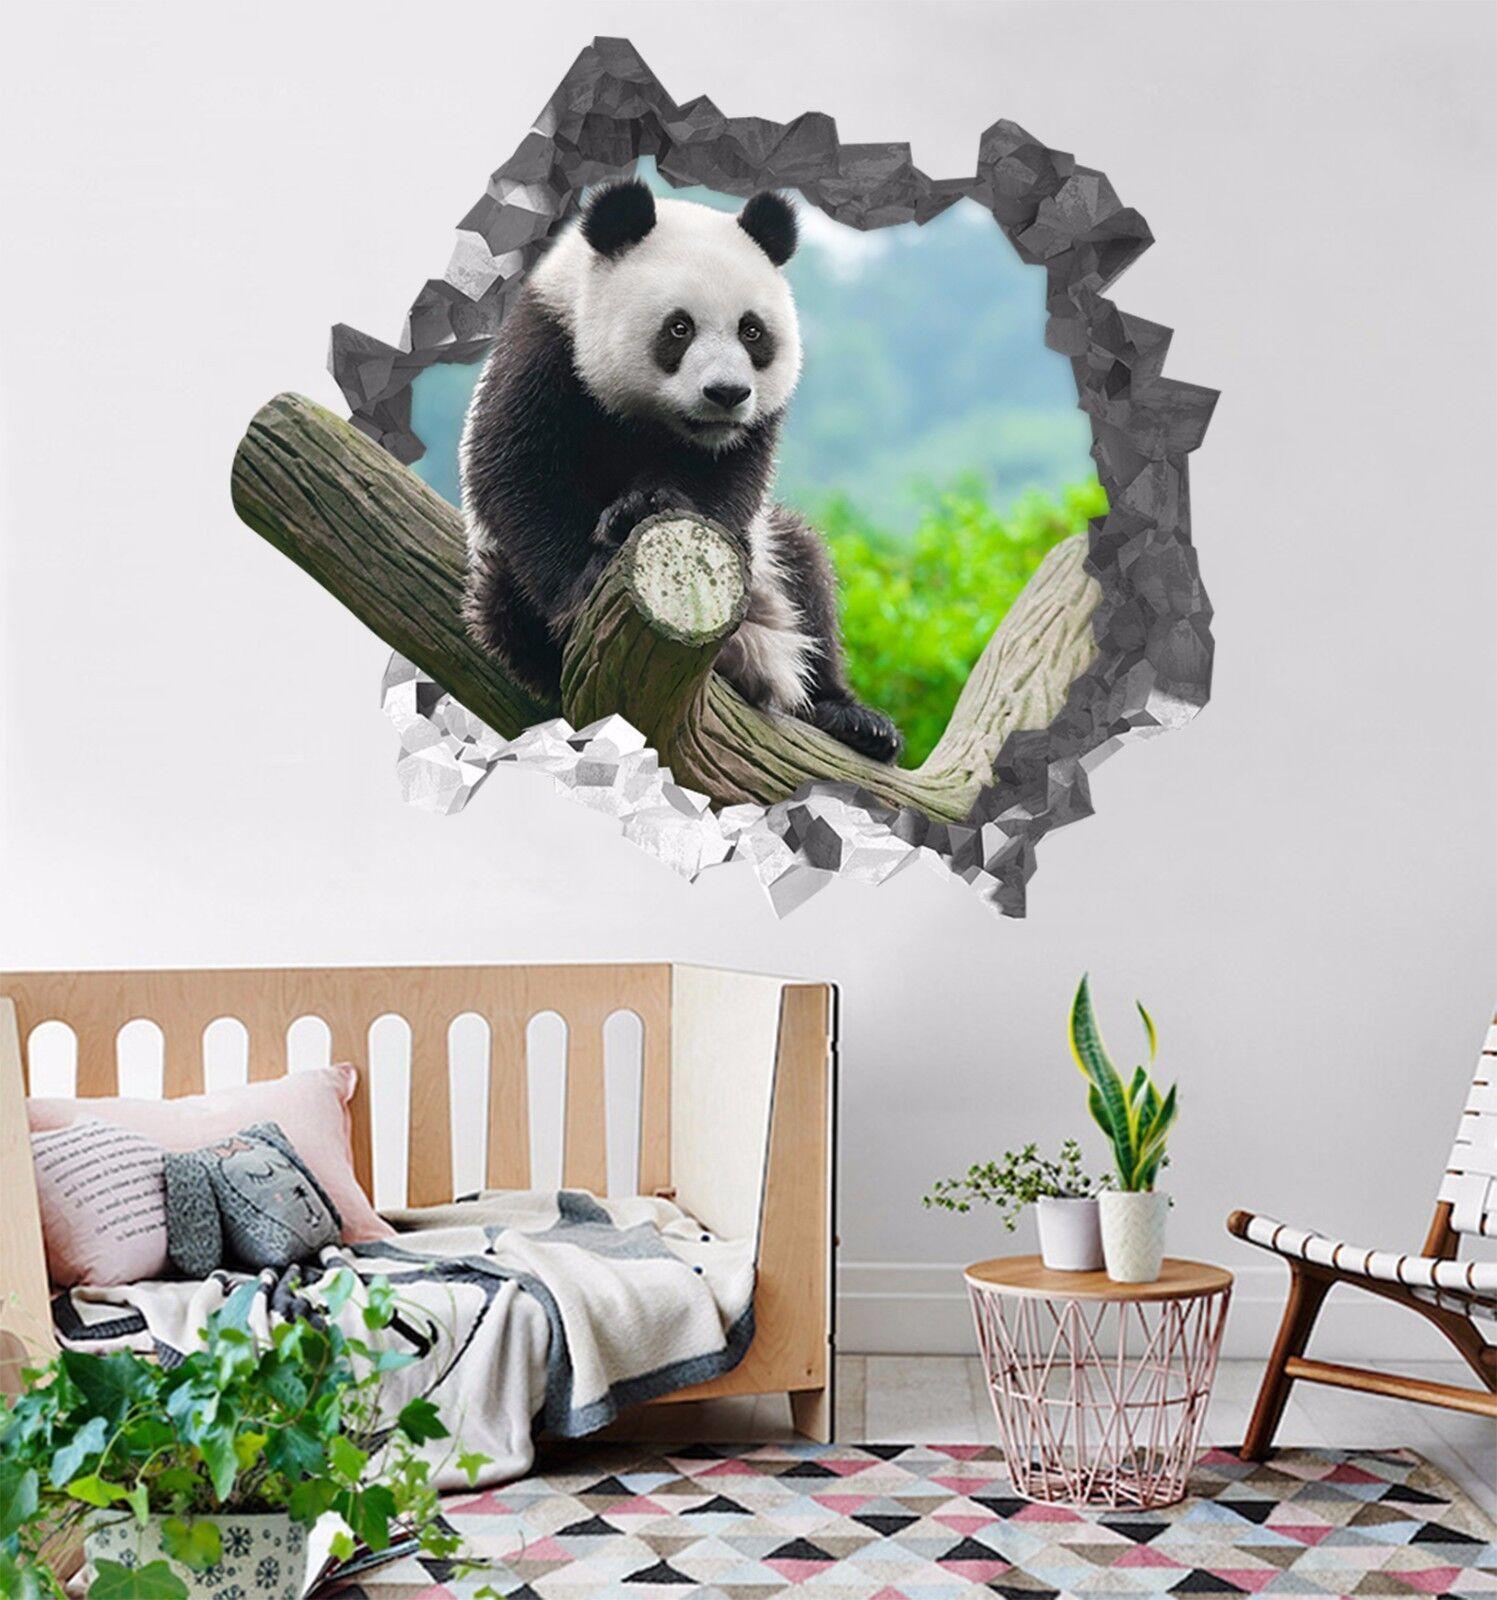 3D Panda 559 Mauer Murals Aufklebe Decal Durchbruch AJ WALLPAPER DE Lemon